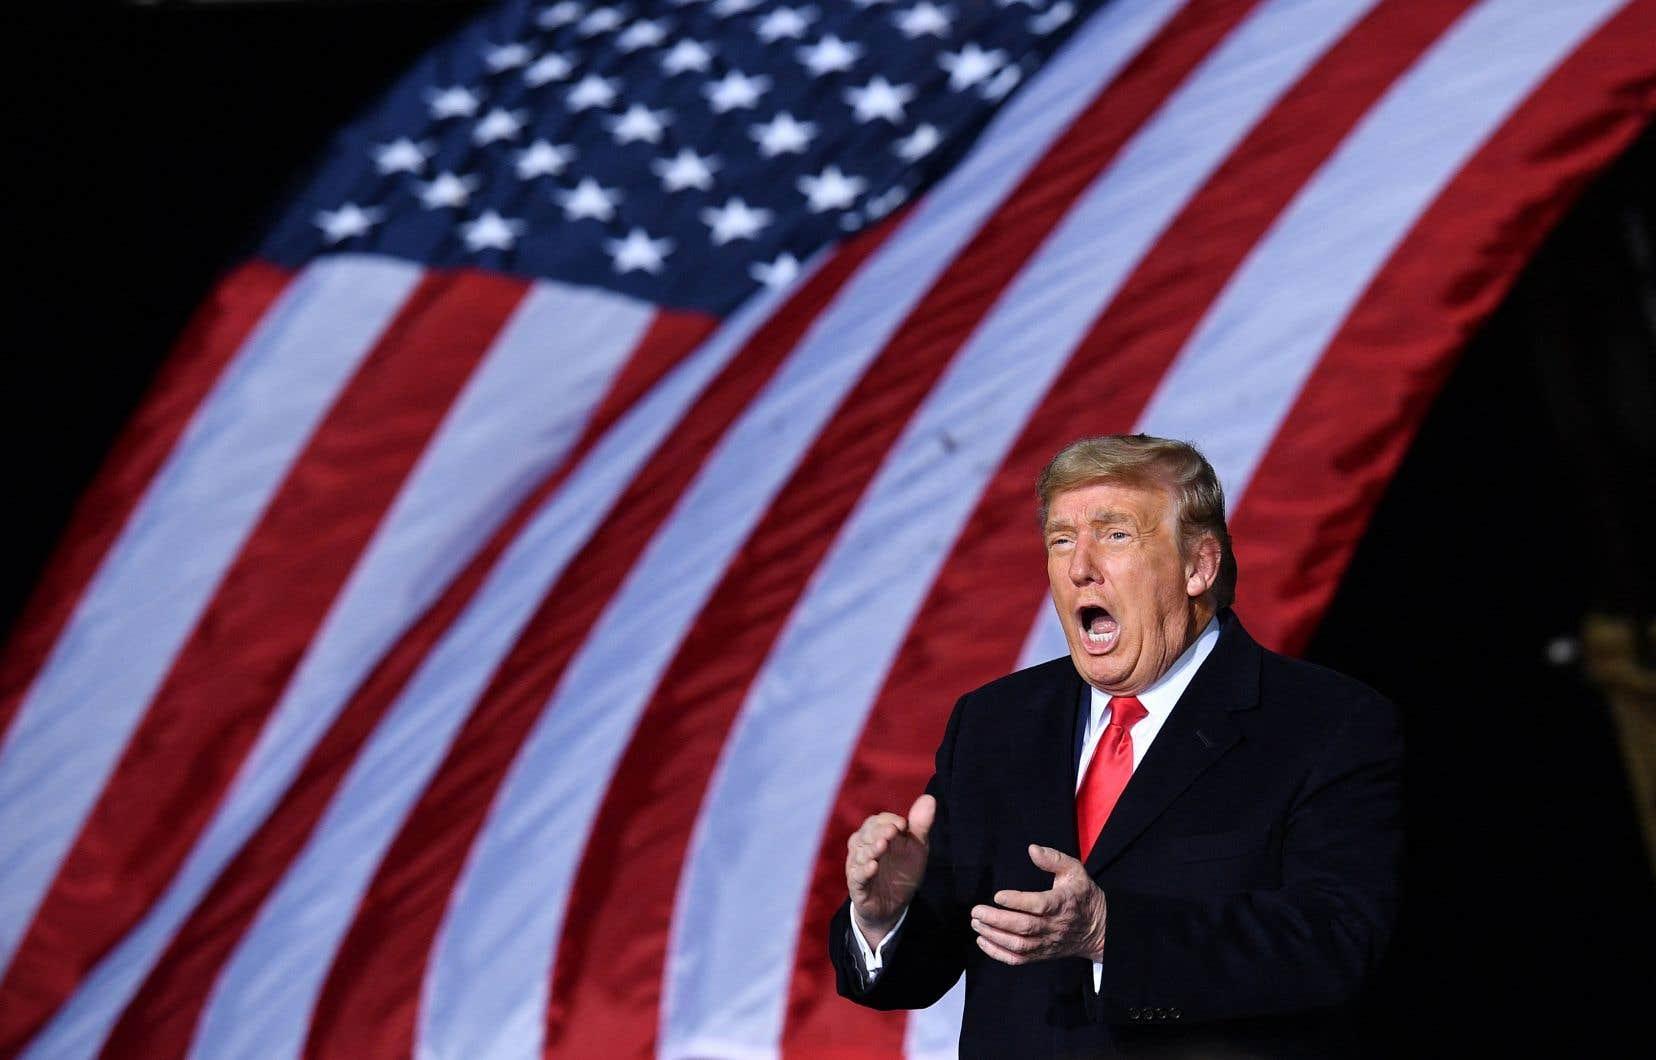 Fin février, Donald Trump a fait un retour triomphant au CPAC, la convention annuelle conservatrice, où il a laissé entendre qu'il représentait toujours le futur du Parti républicain.